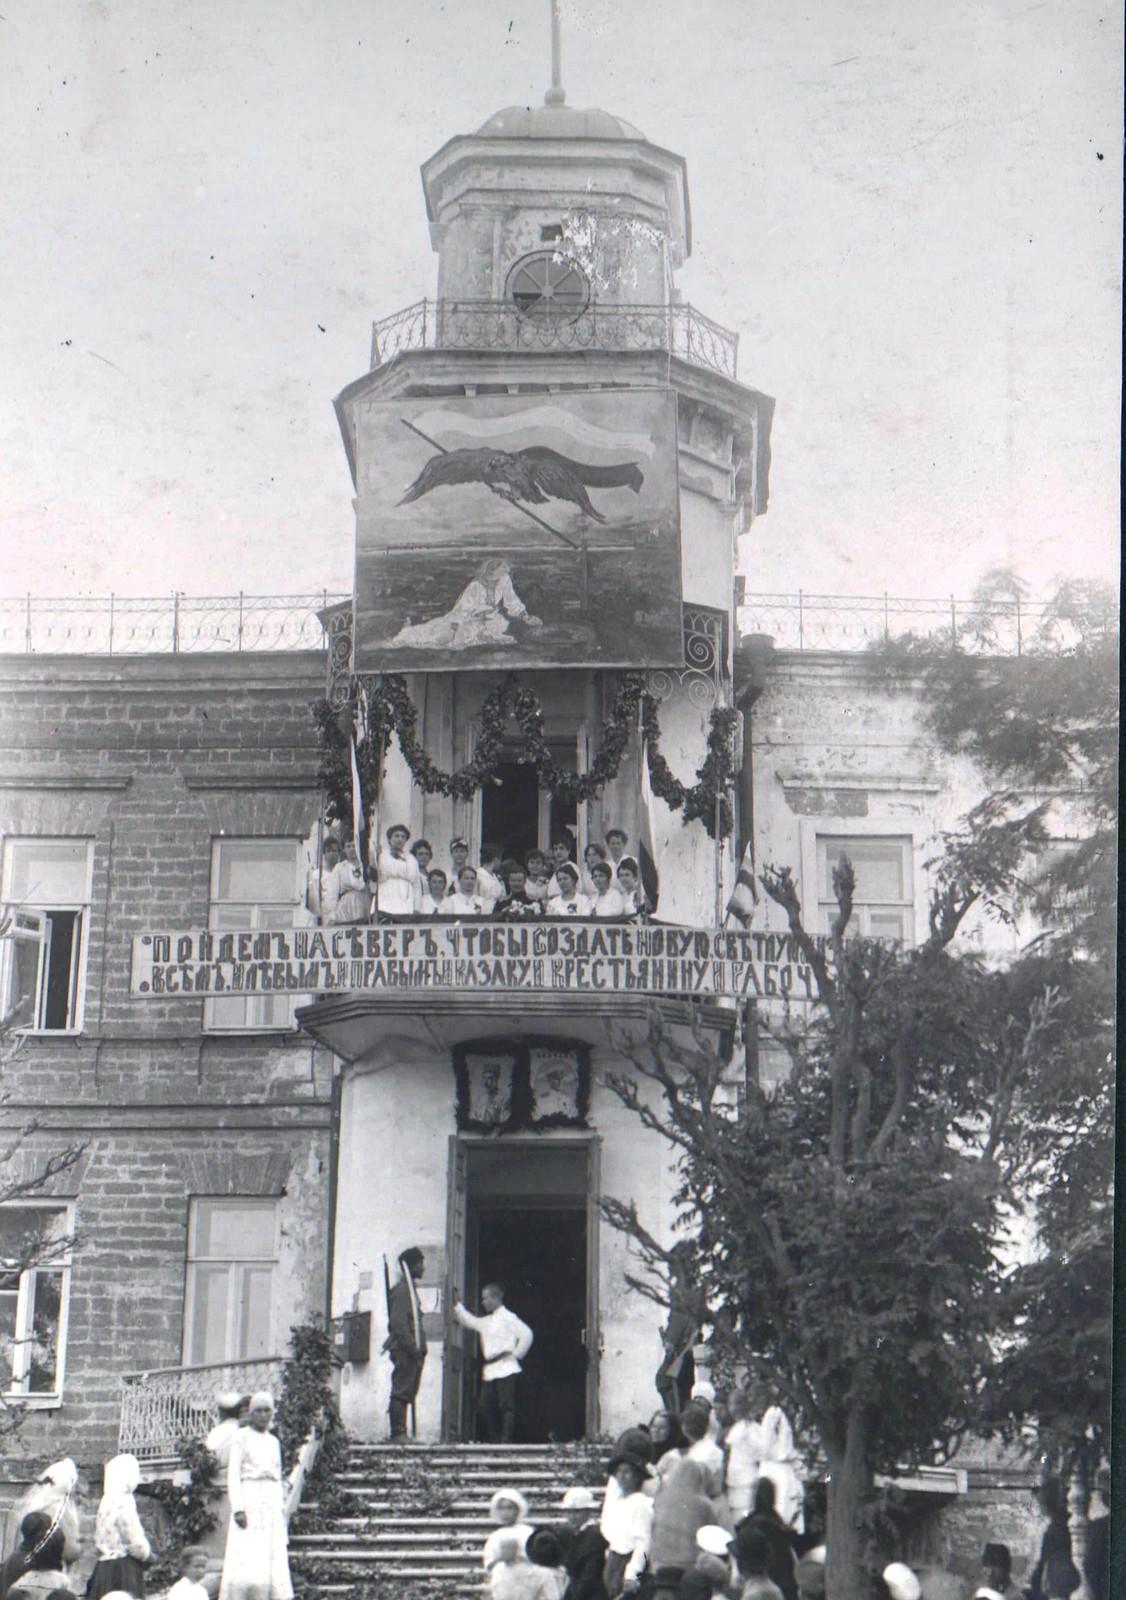 235. 1919. Екатеринослав. Наглядная агитация а здании городской управы. На балконе А.Г.Шкуро. июнь